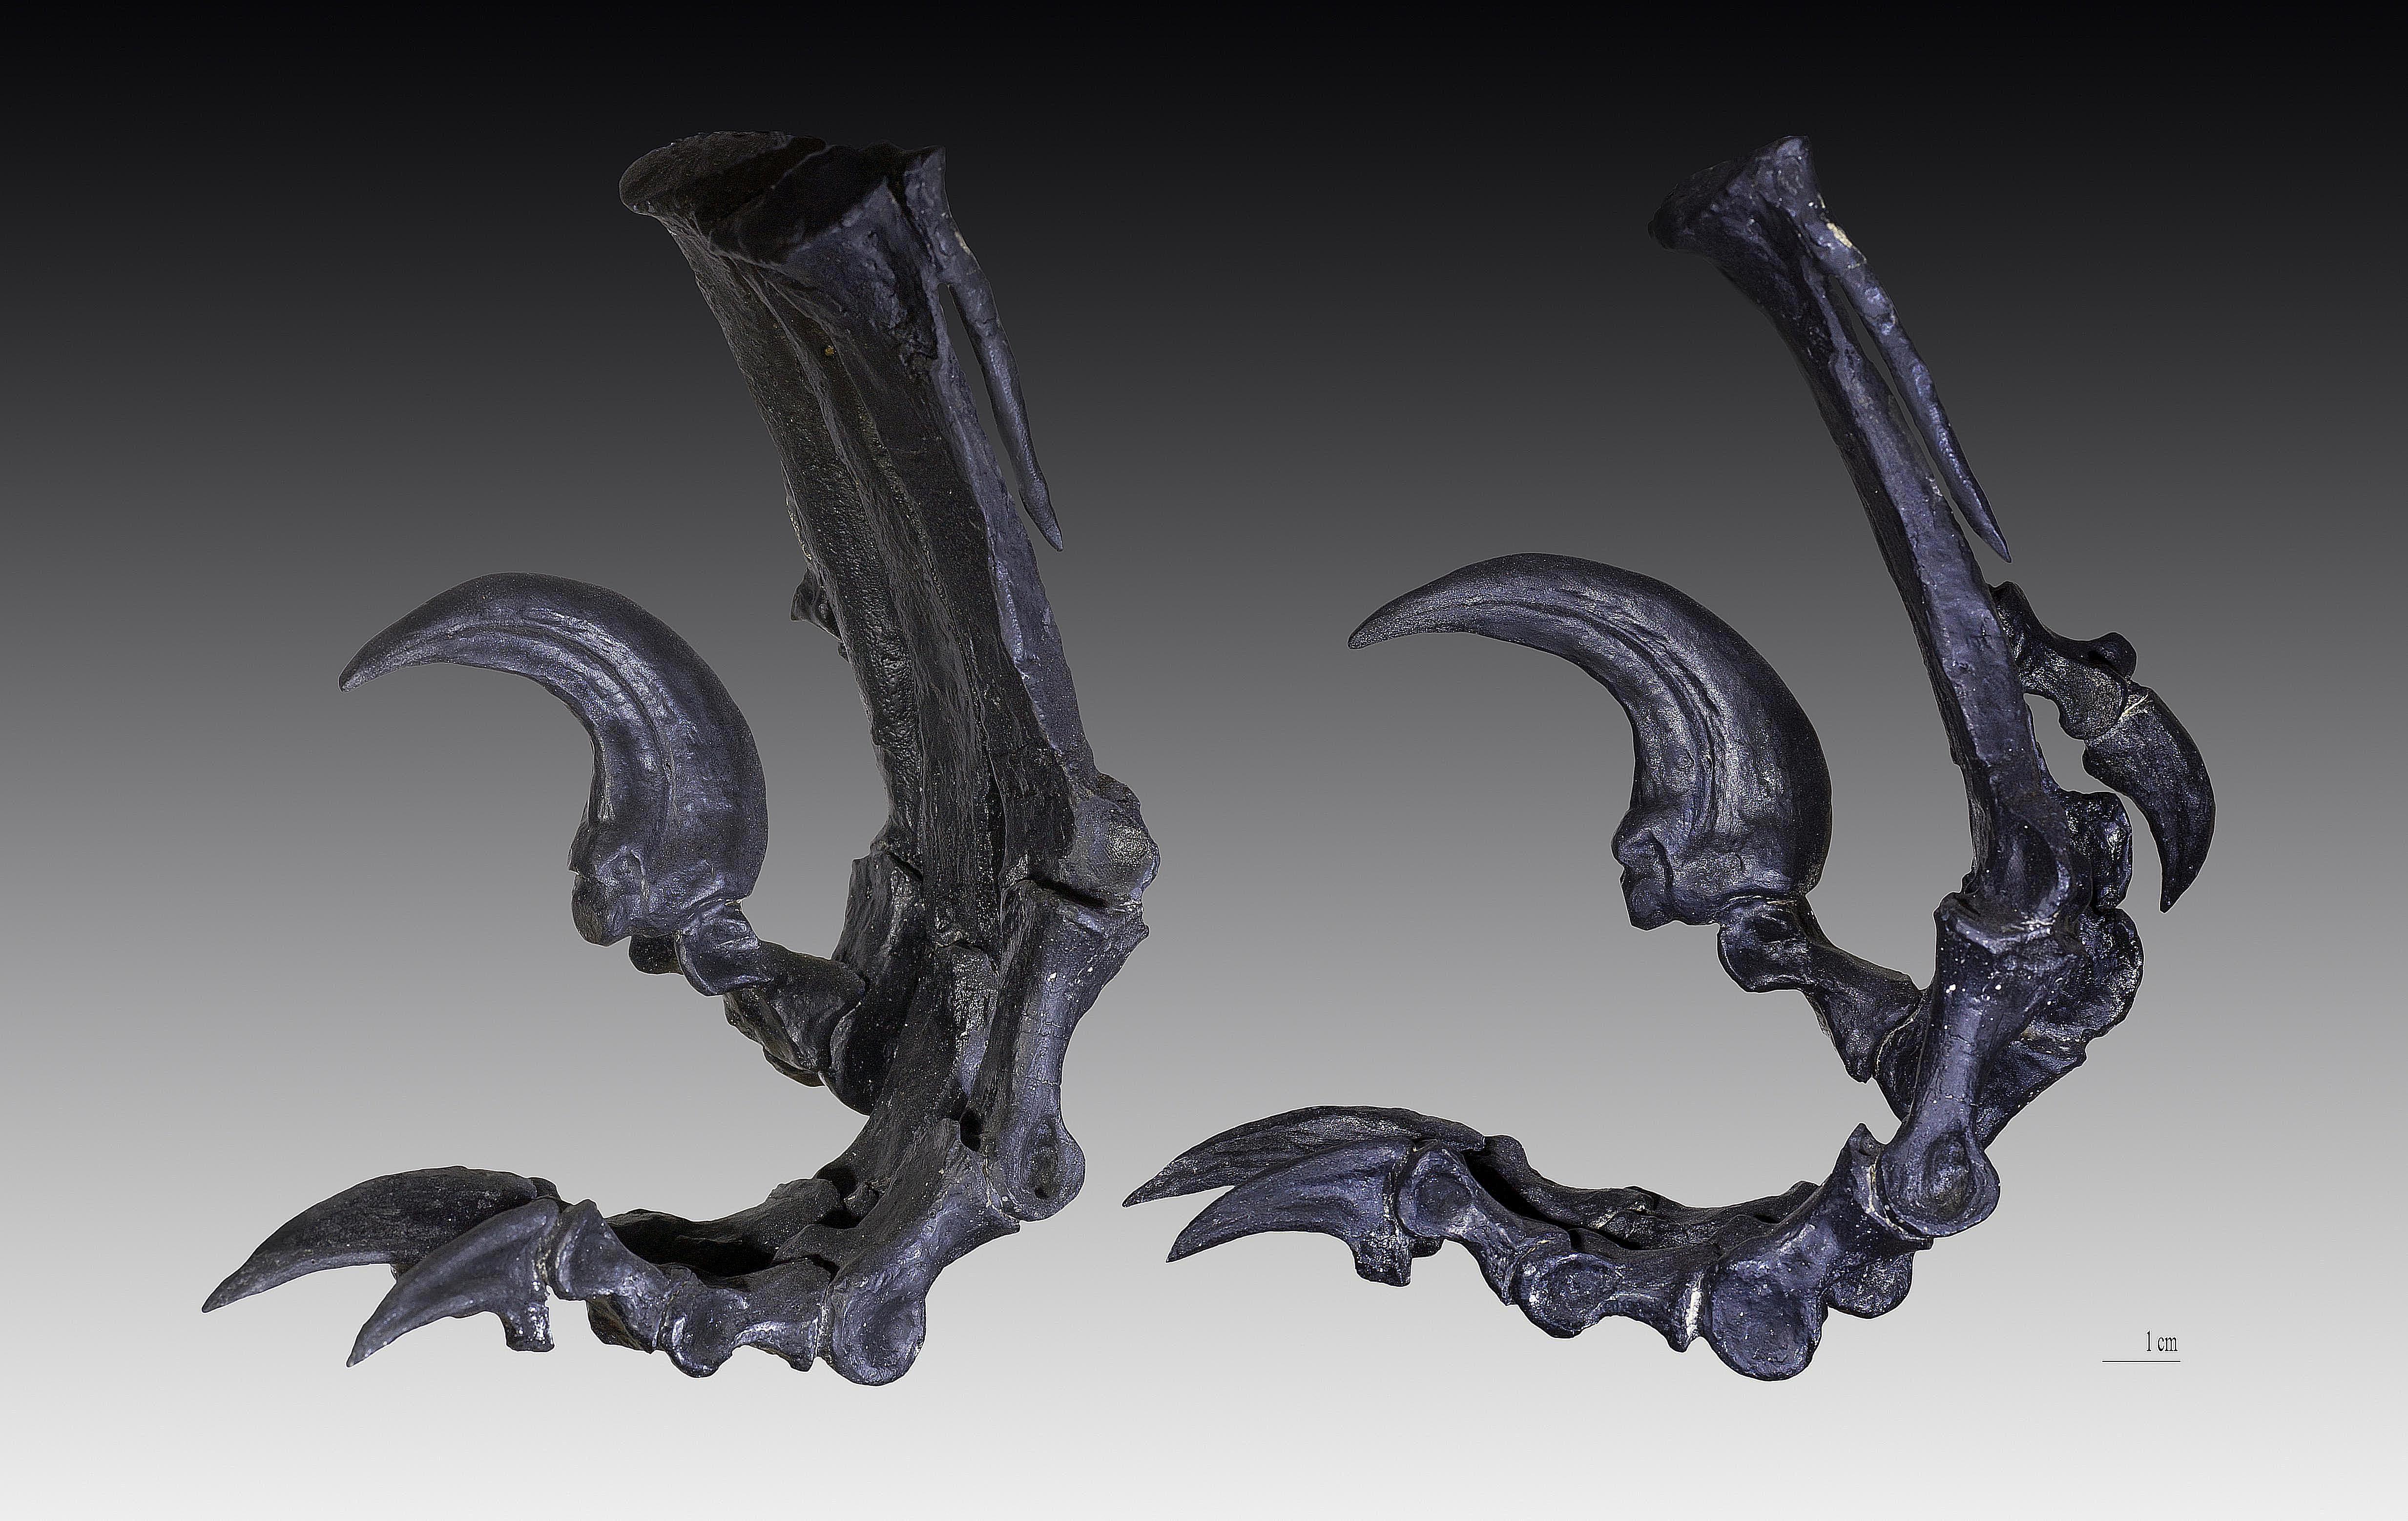 deinonychus hind claws